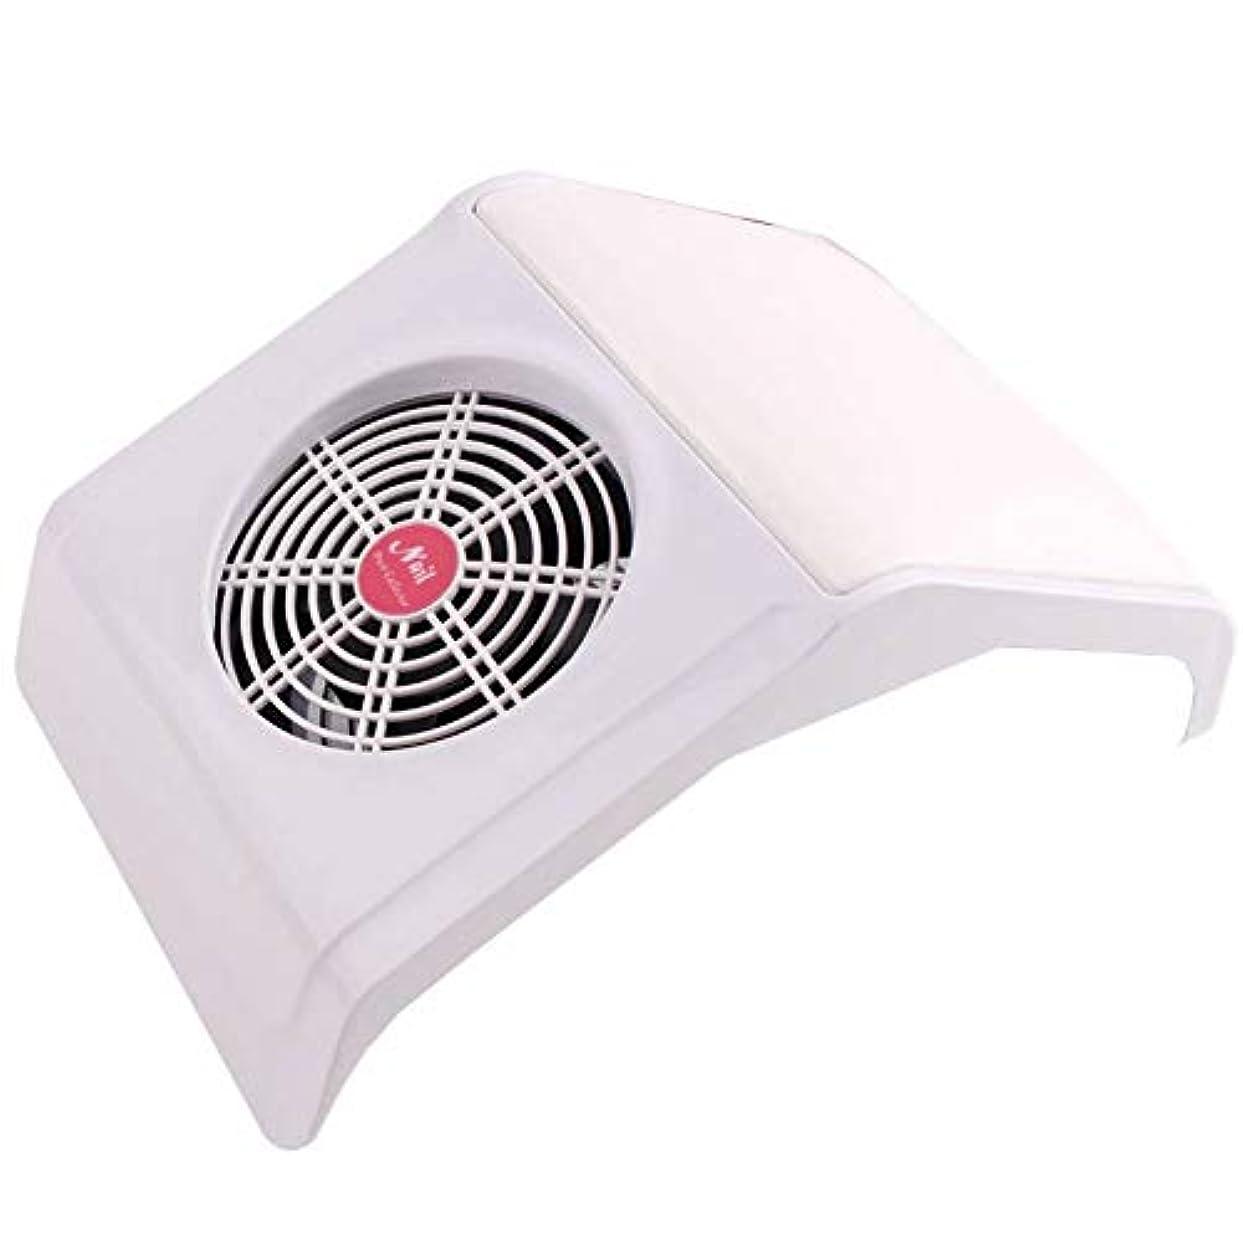 鳩ラグ抑圧する30Wネイルダストコレクター吸引ファンネイル掃除機2個付きほこりバッグを集めるマニキュア機械道具ネイルアートマニキュアサロンツール (Color : White)